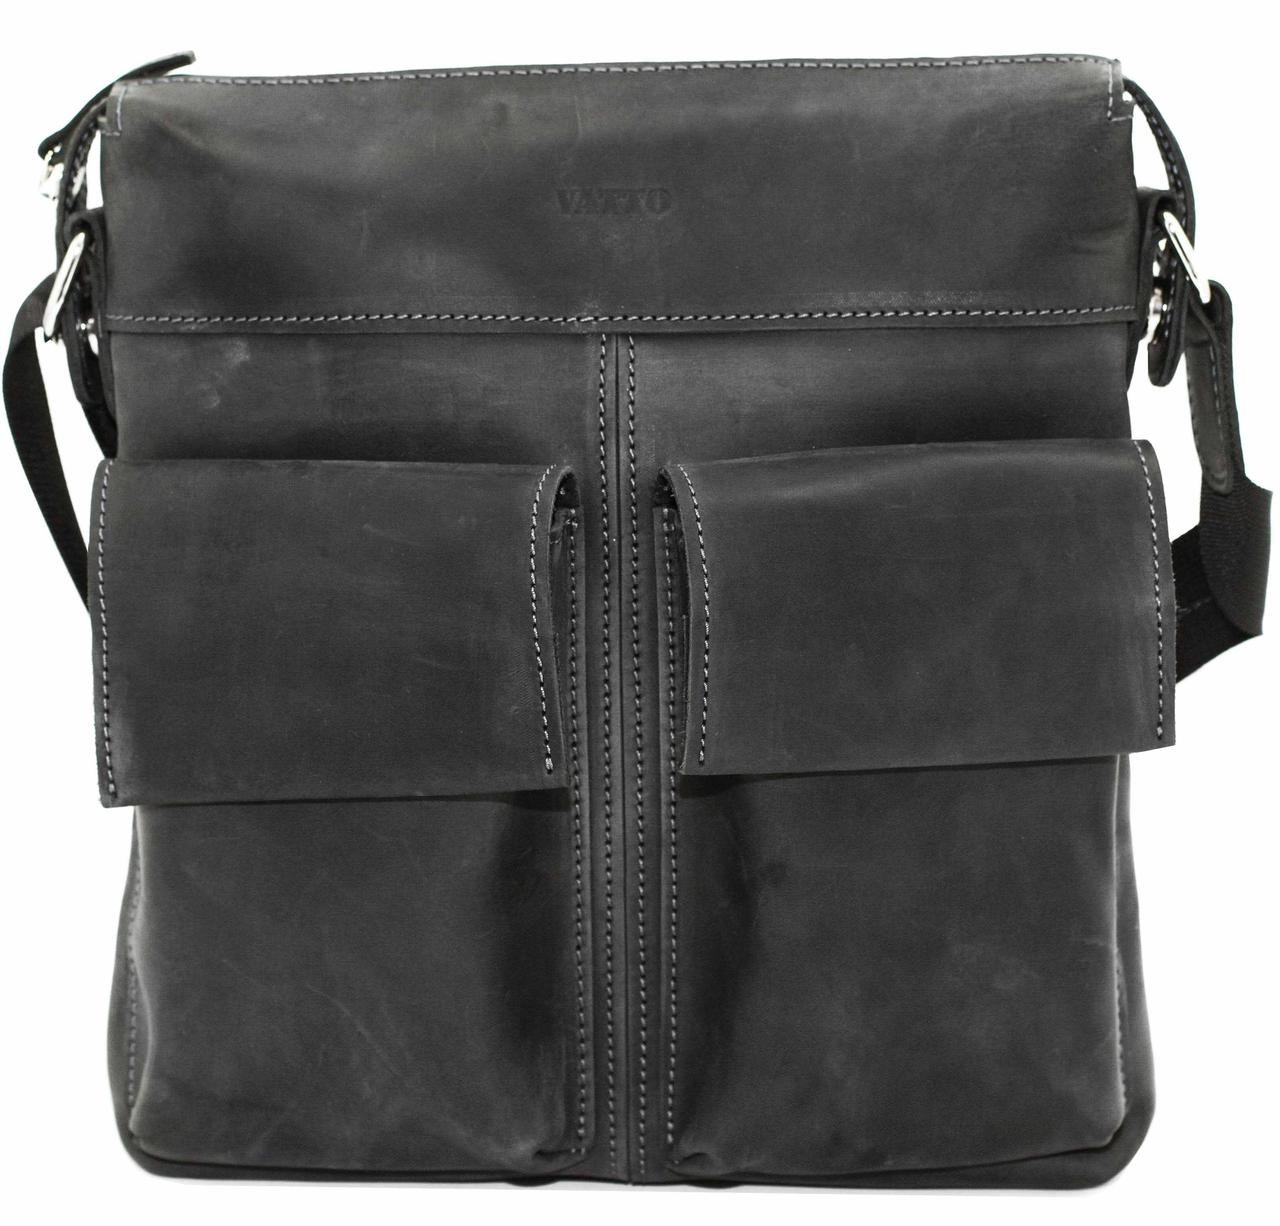 Мужская сумка VATTO Mk41.4 Kr670